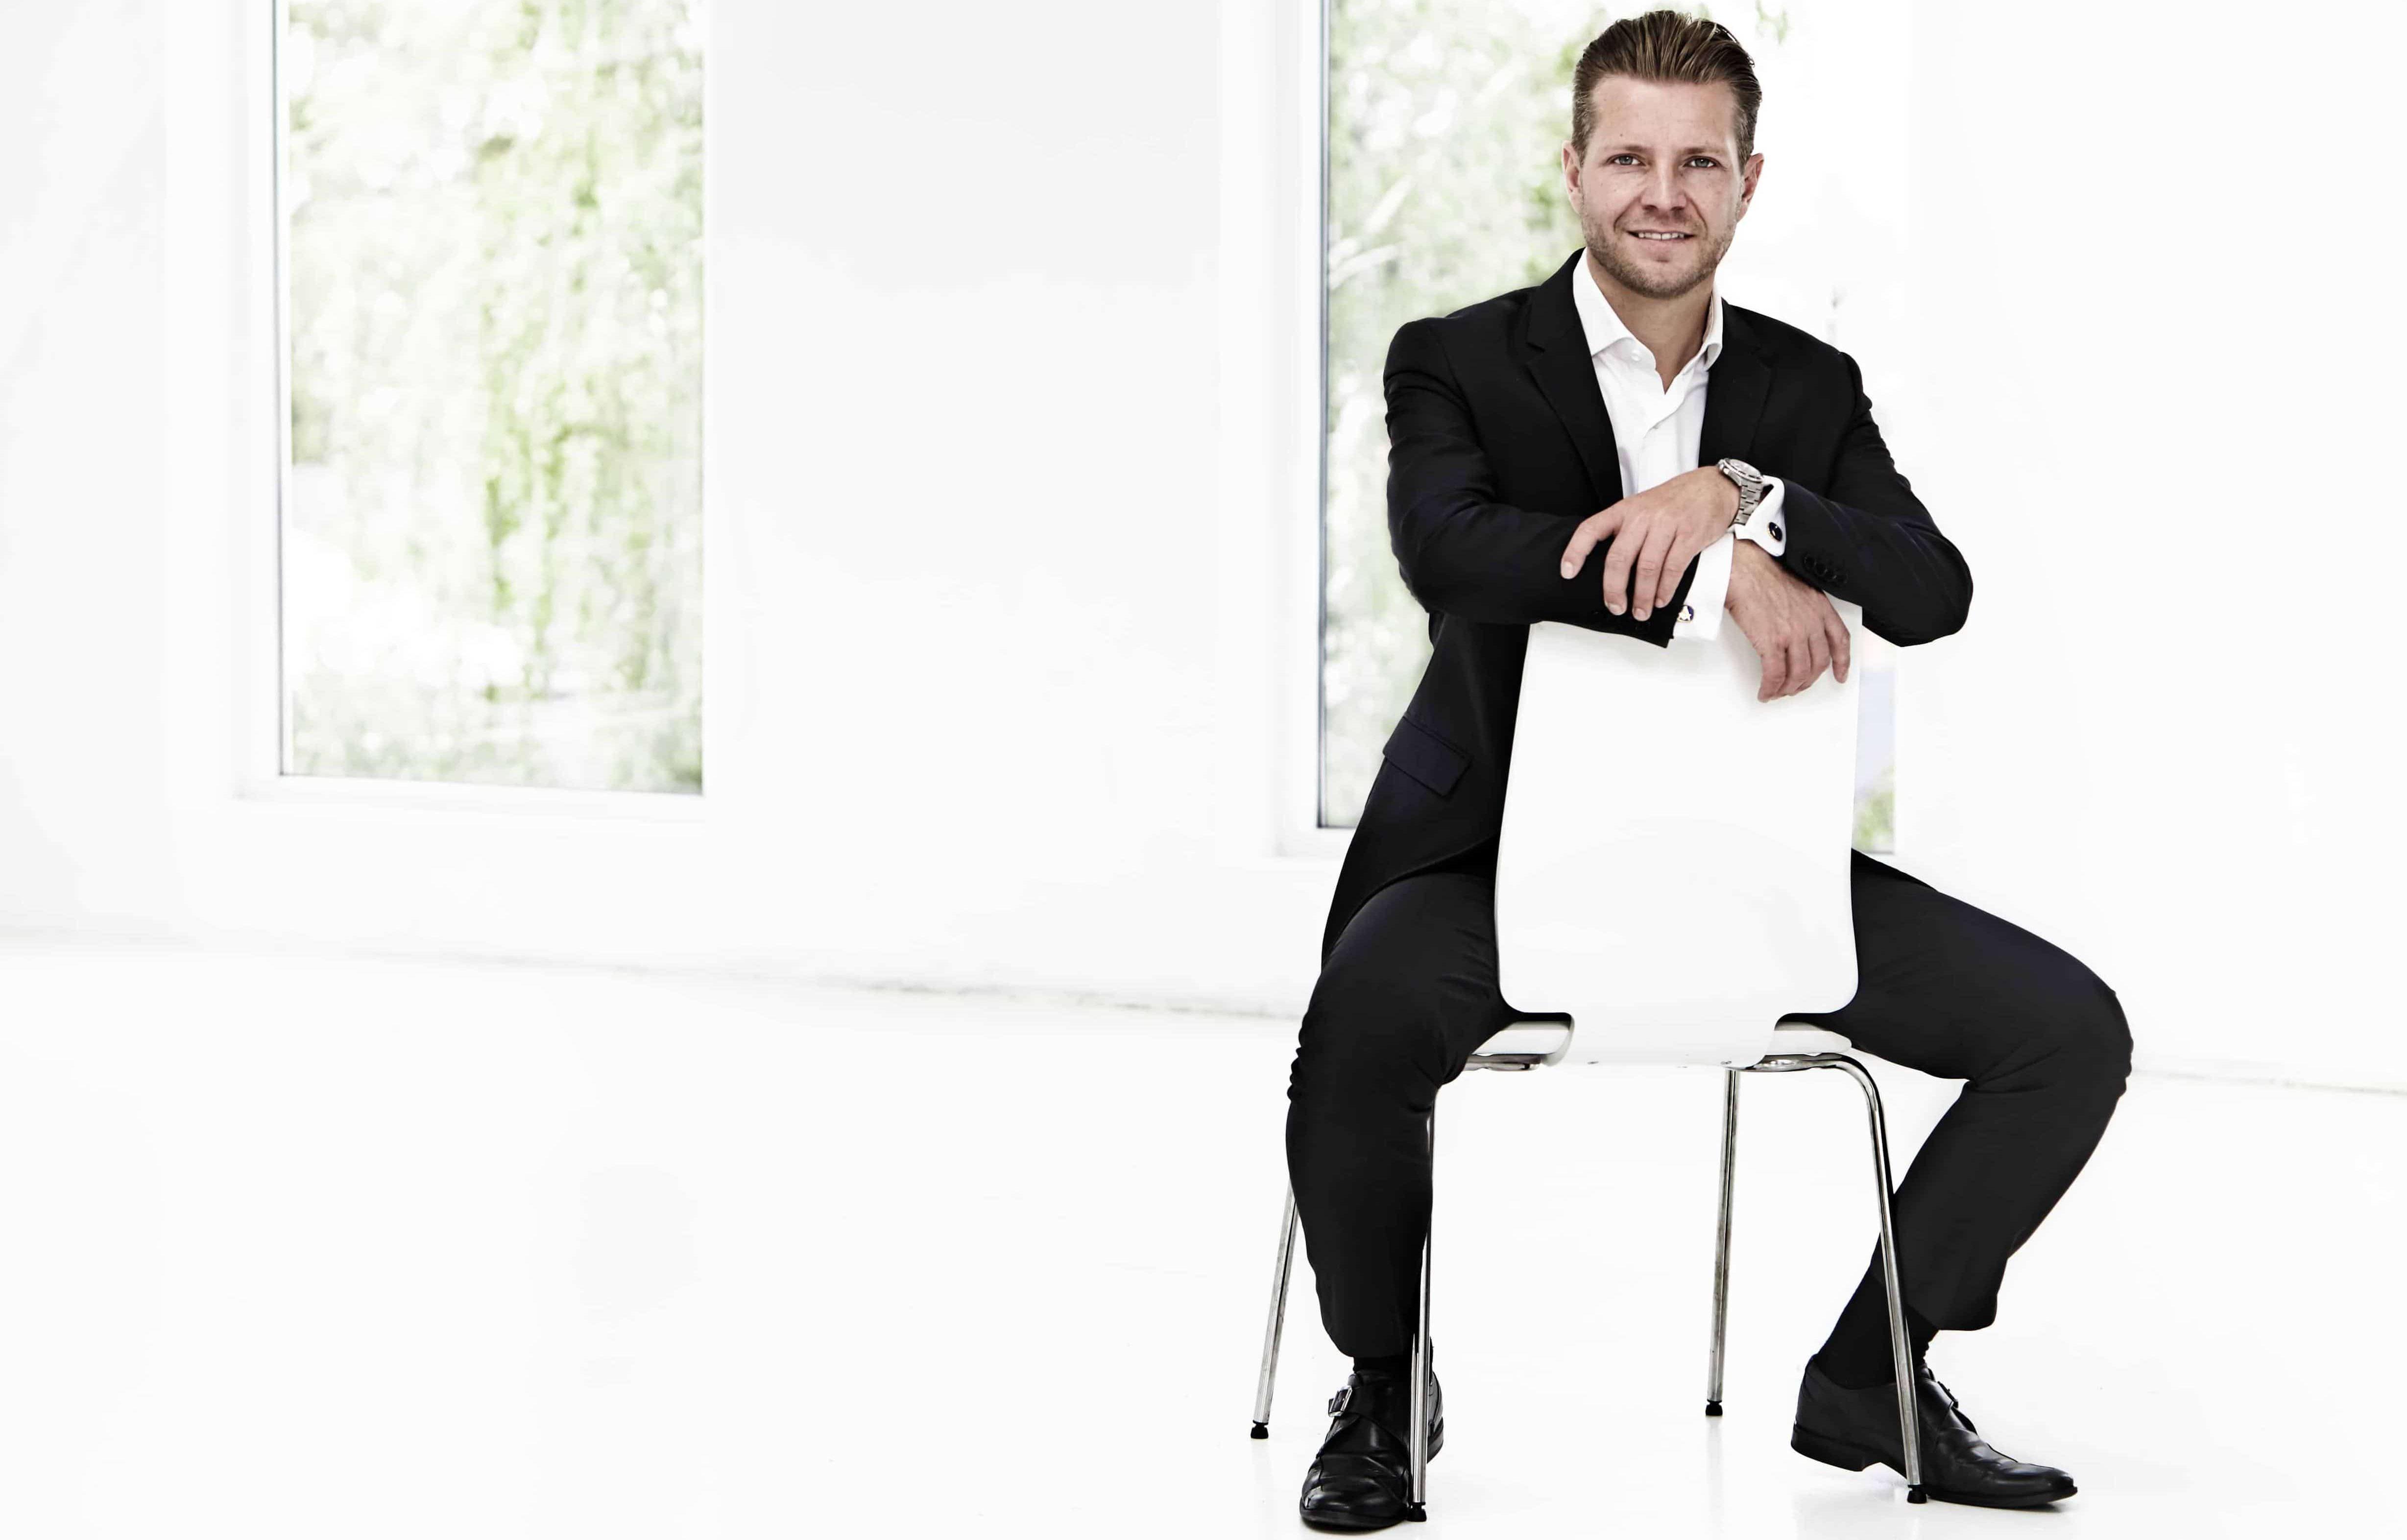 Nicolai Sommer